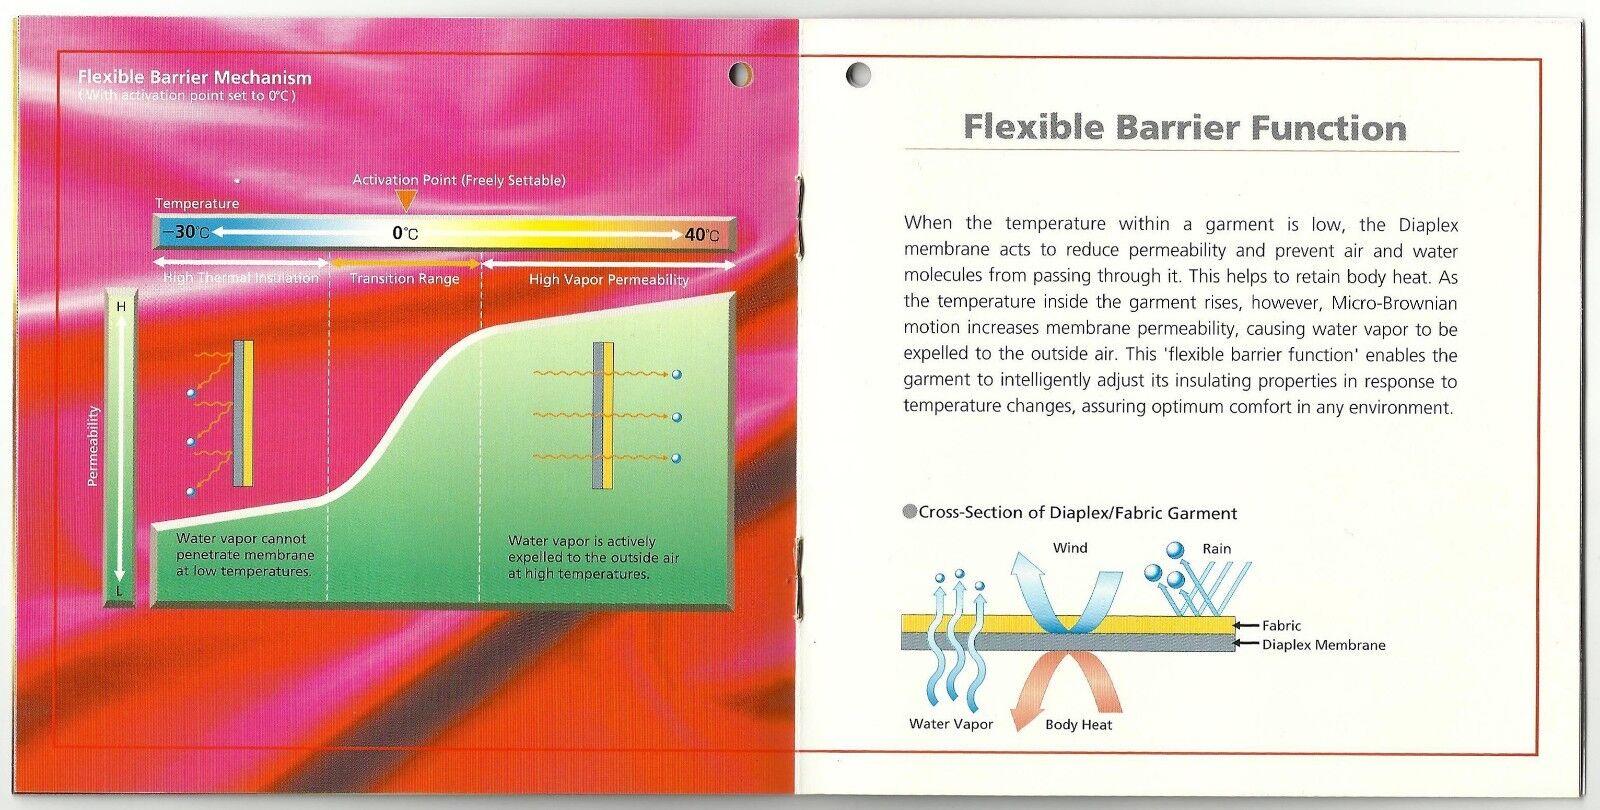 2009 ADIDAS KAZUKI KZK DIAPLEX MODS COAT JACKET Sz.S terrex E94664 consortium y3 | eBay